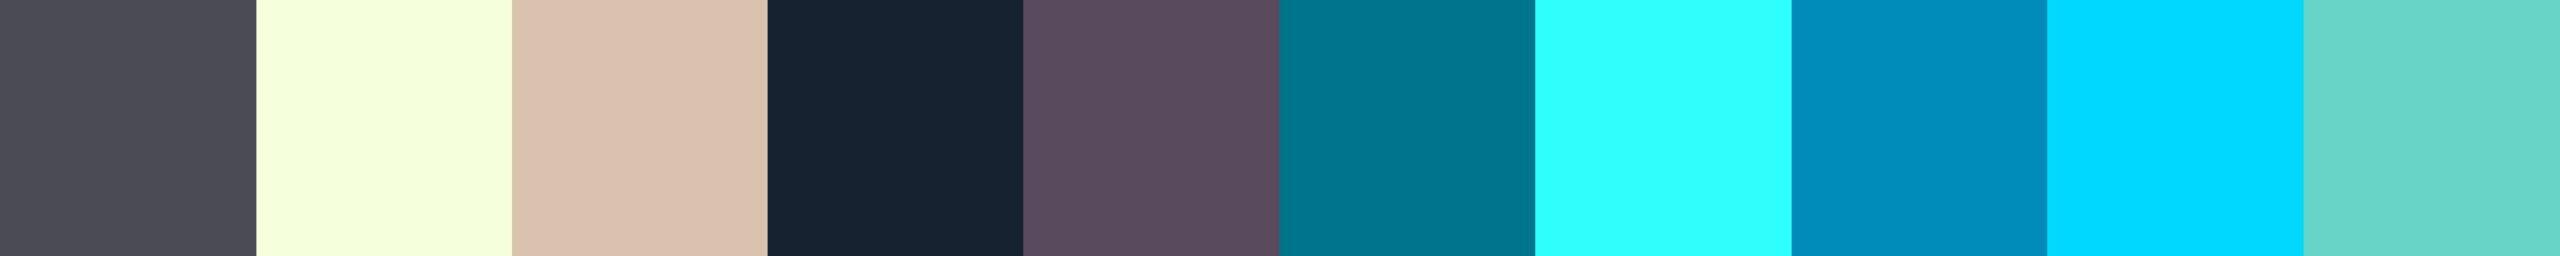 282 Thaltia Color Palette